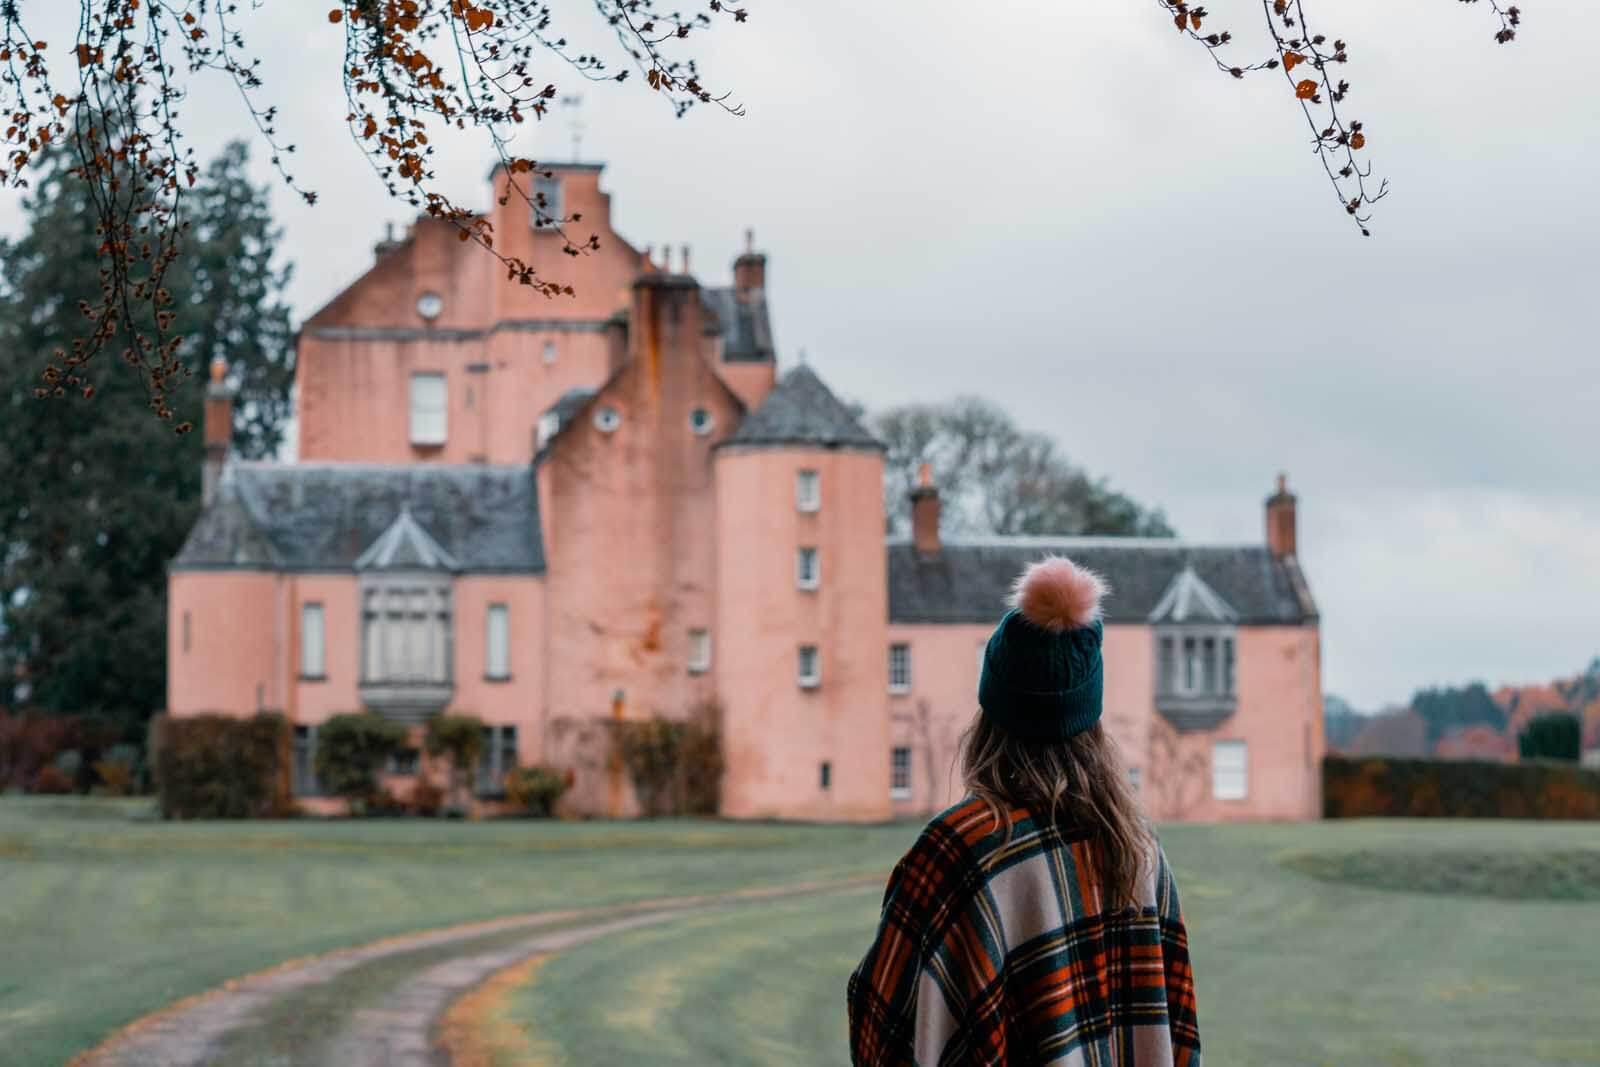 Moneymusk pink castle in Aberdeenshire